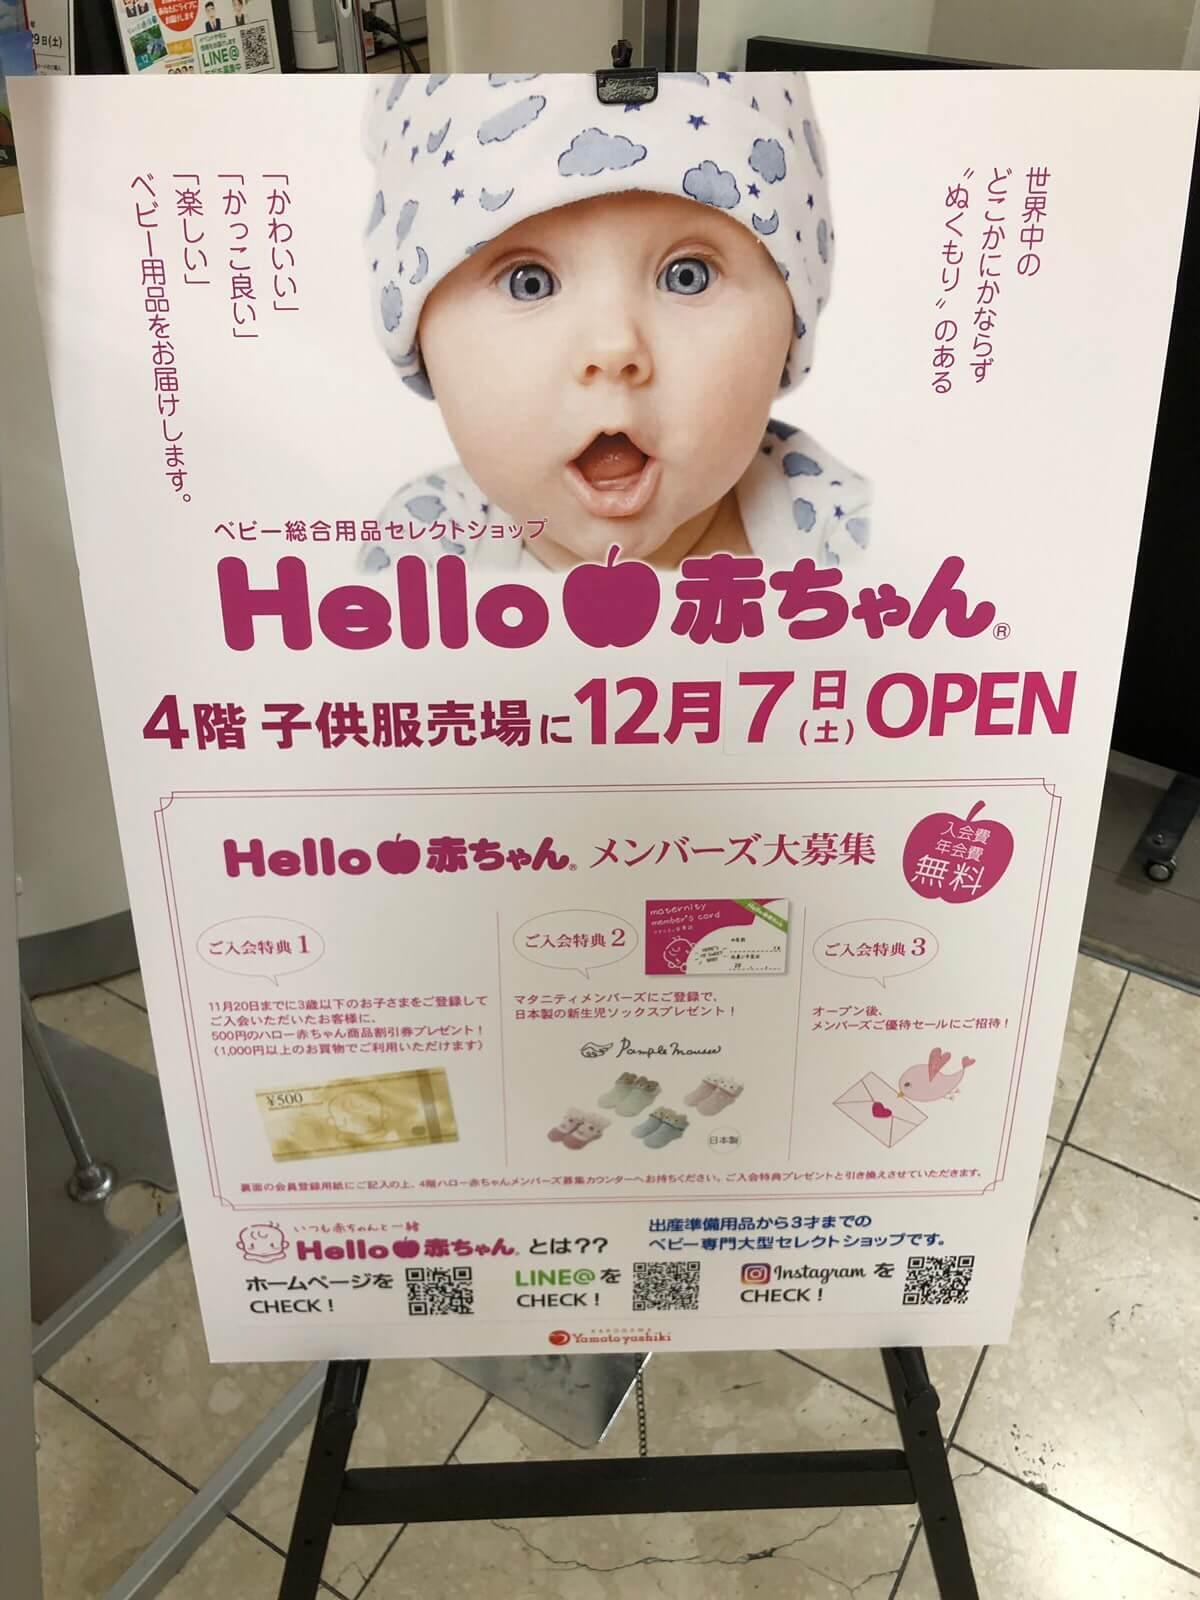 Hello赤ちゃん加古川ヤマトヤシキ店開店のお知らせ